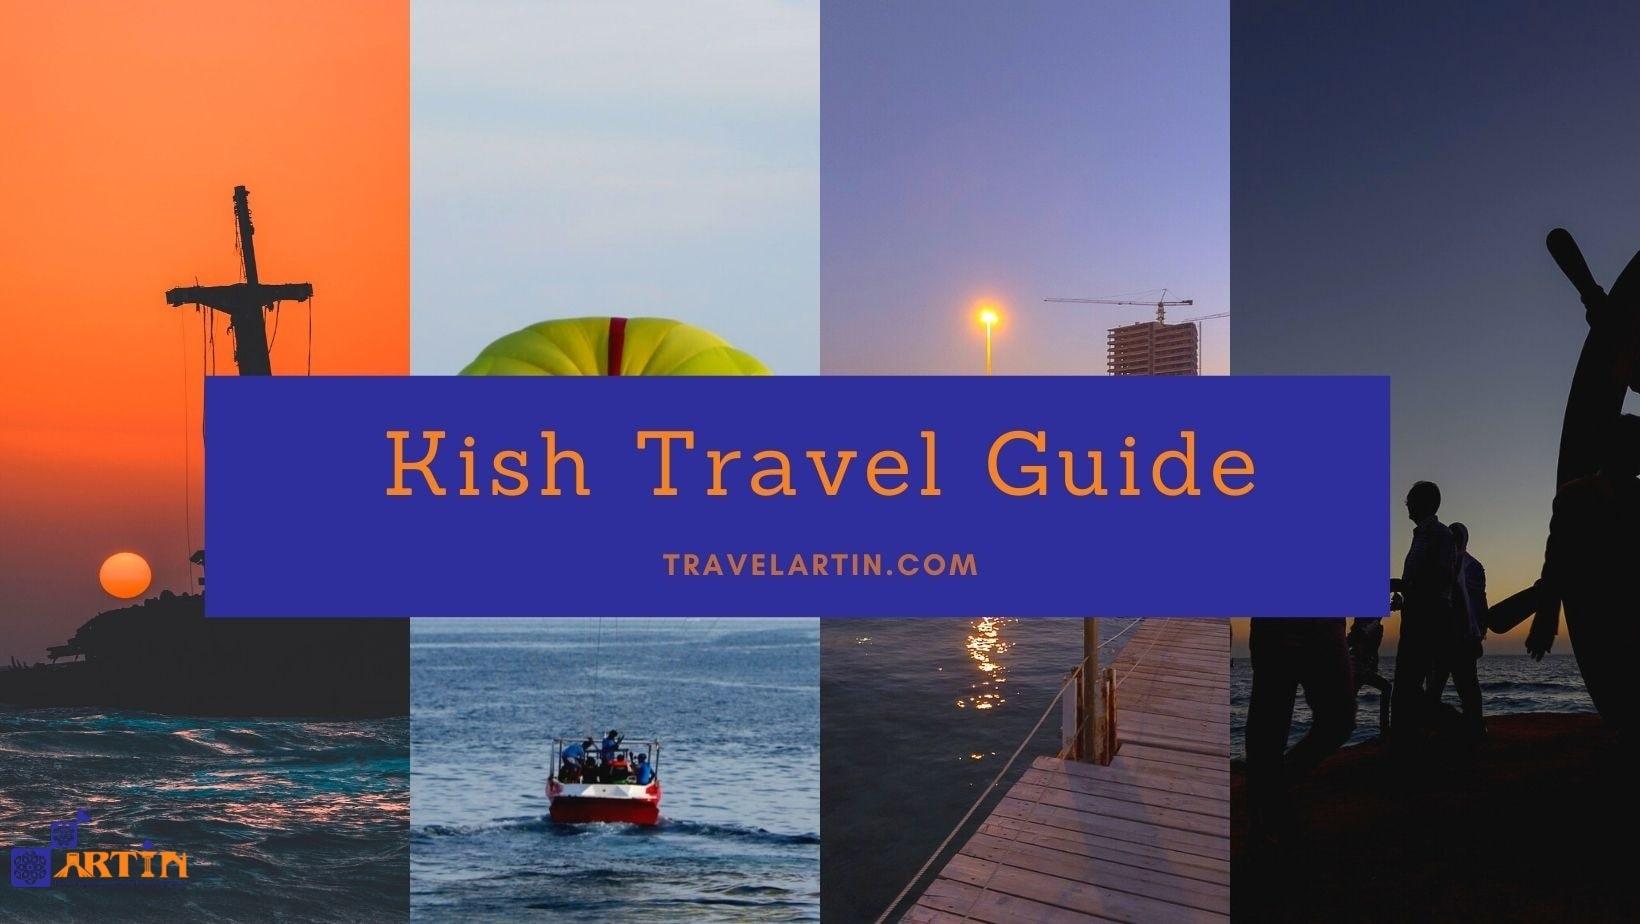 Kish travel guide travelartin.com